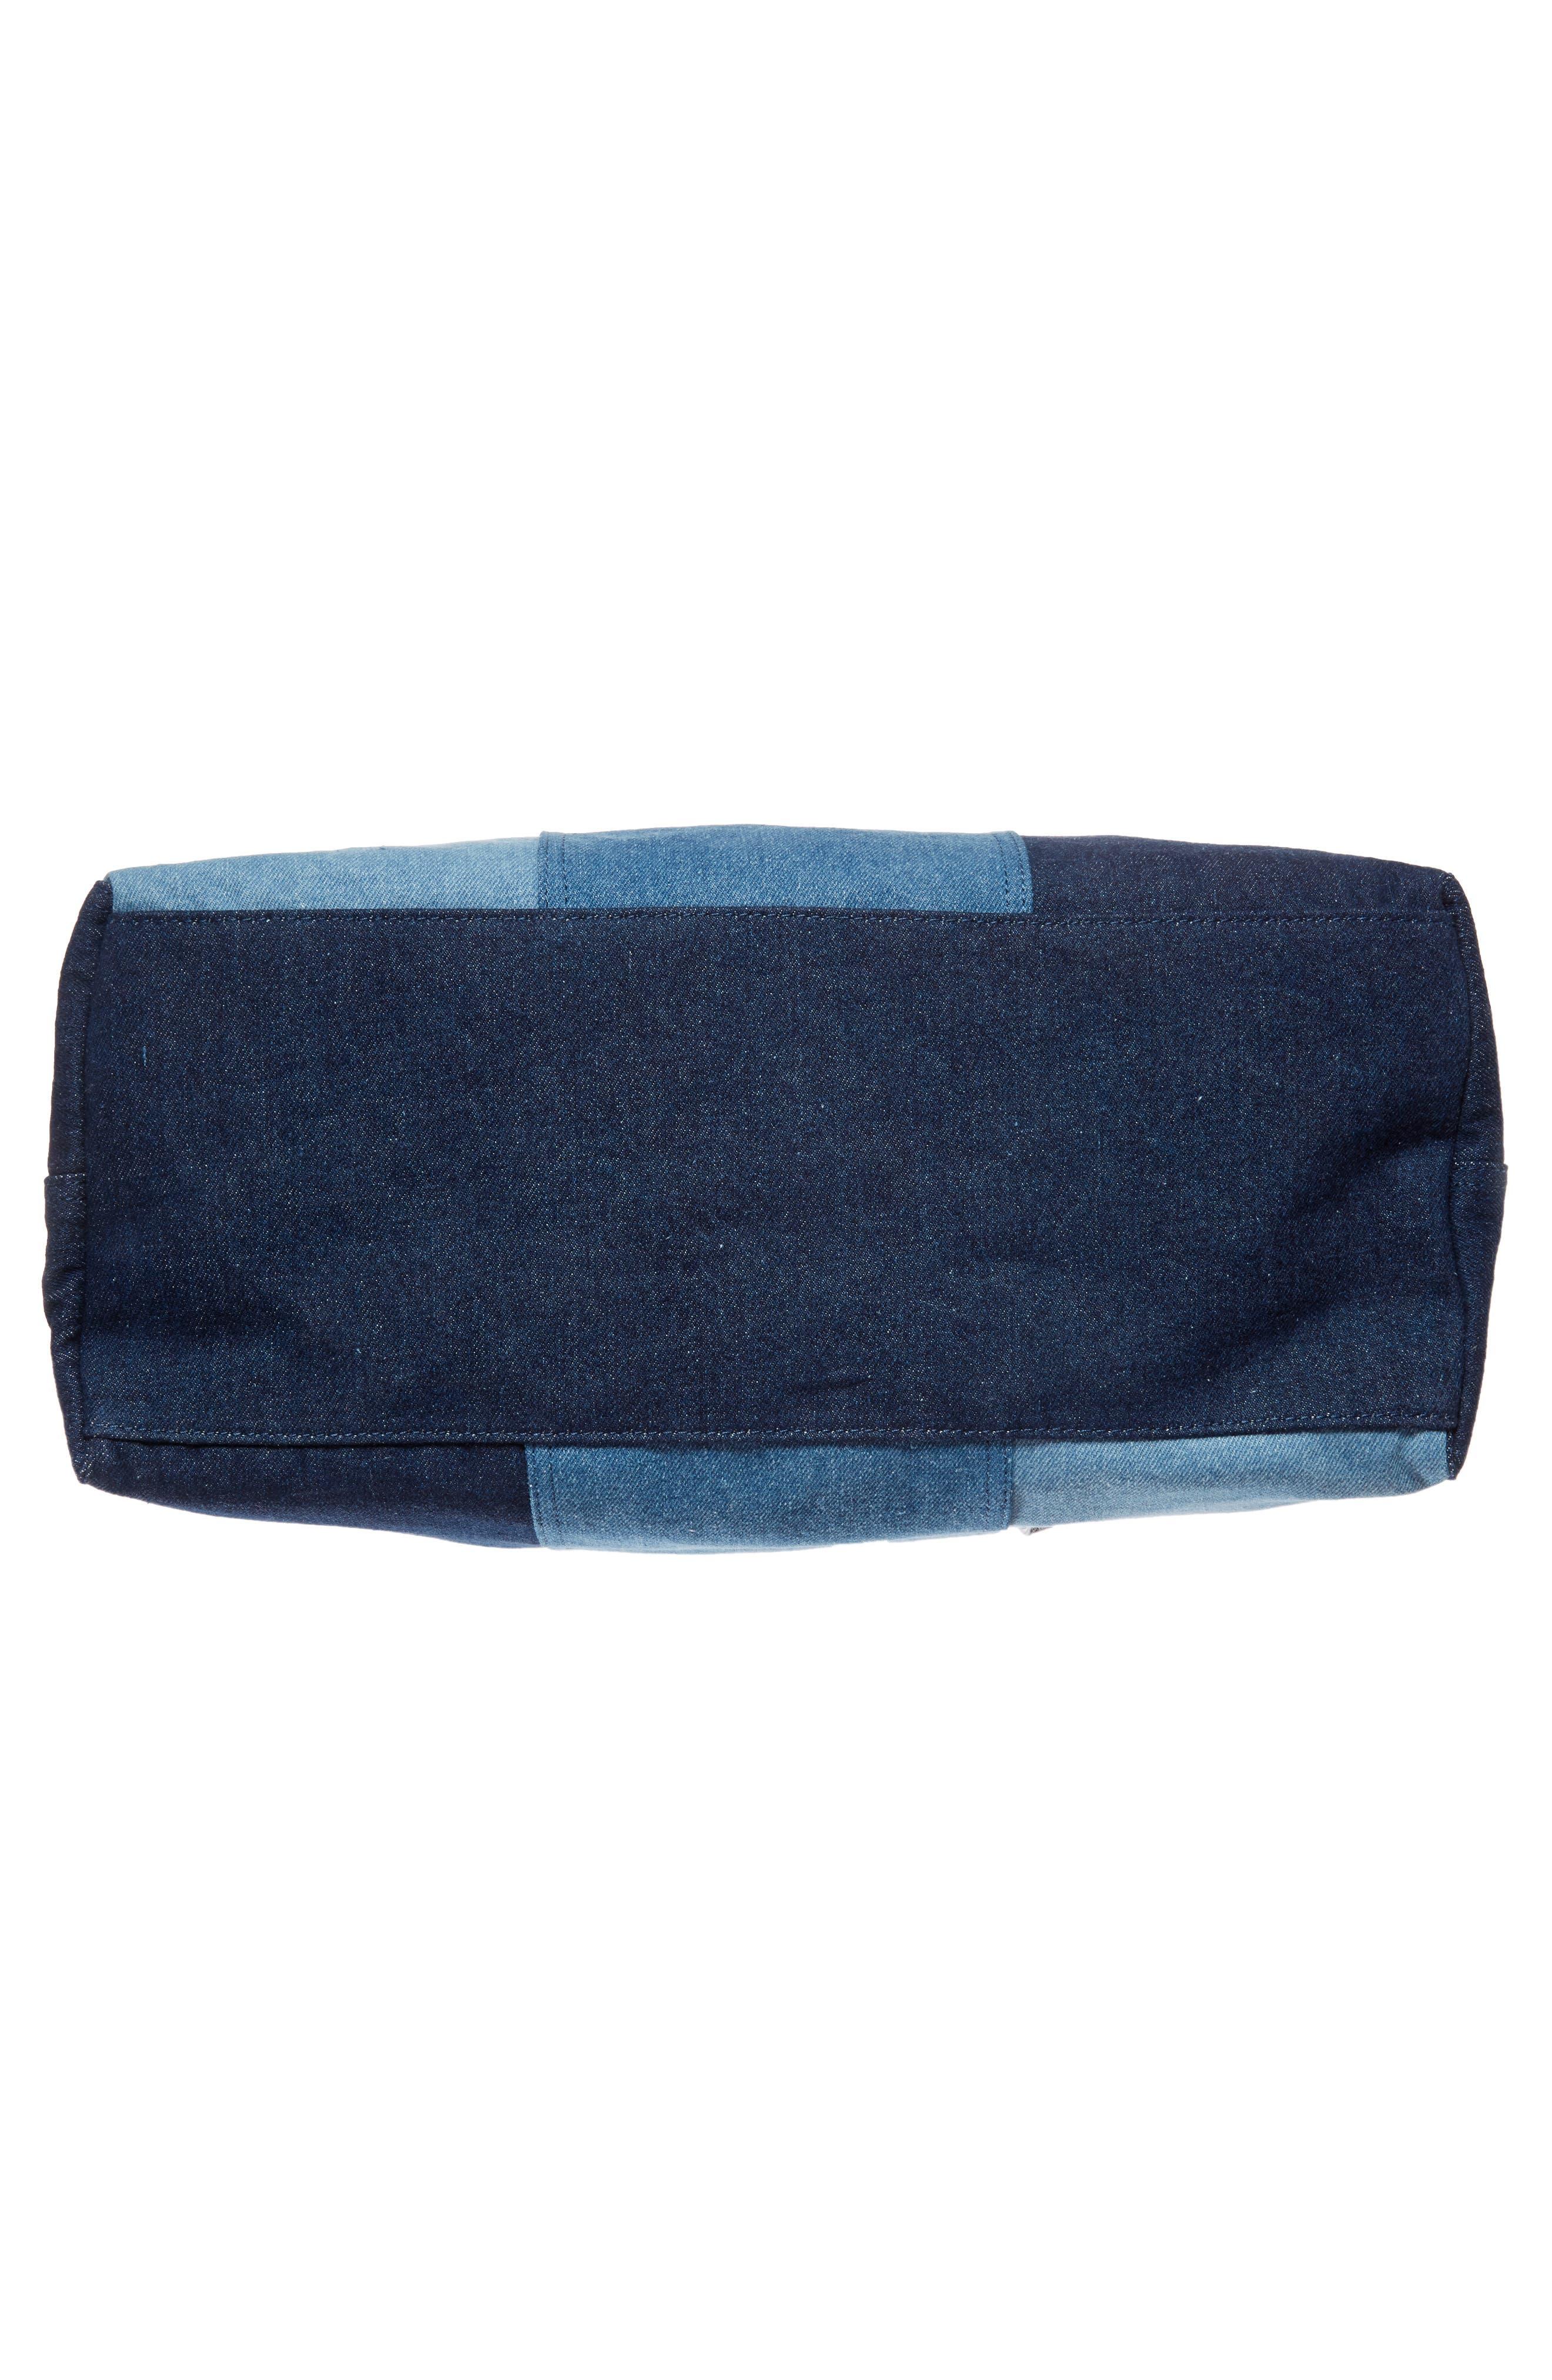 Denim Diaper Bag,                             Alternate thumbnail 6, color,                             460